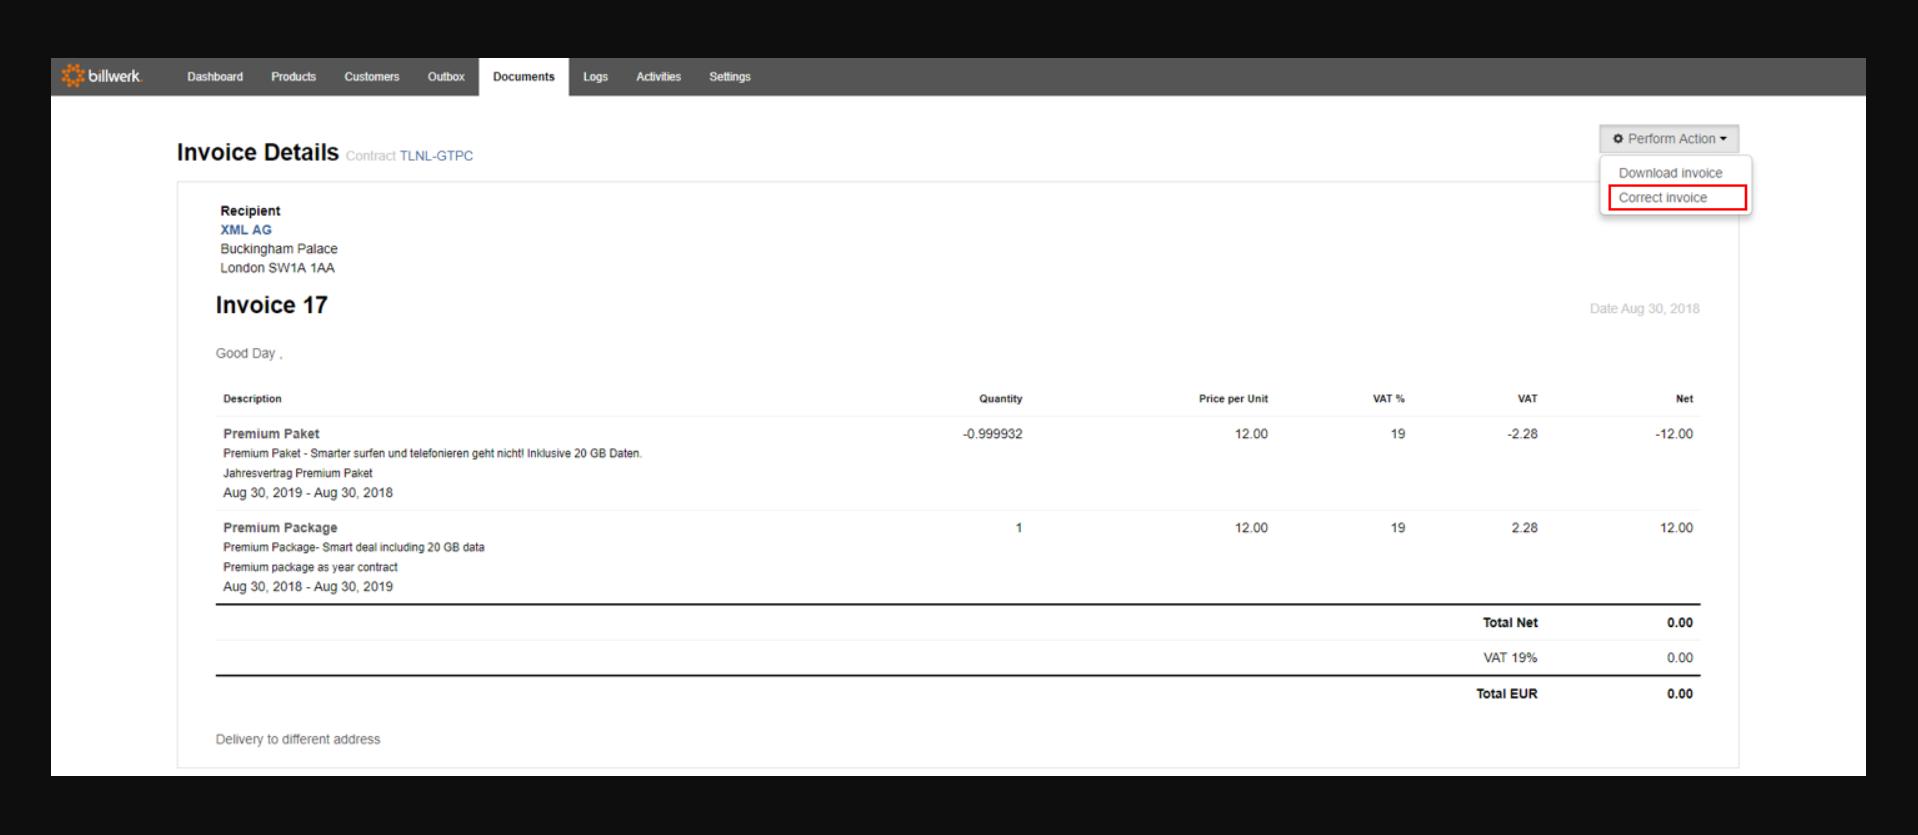 billwerk | Invoice details